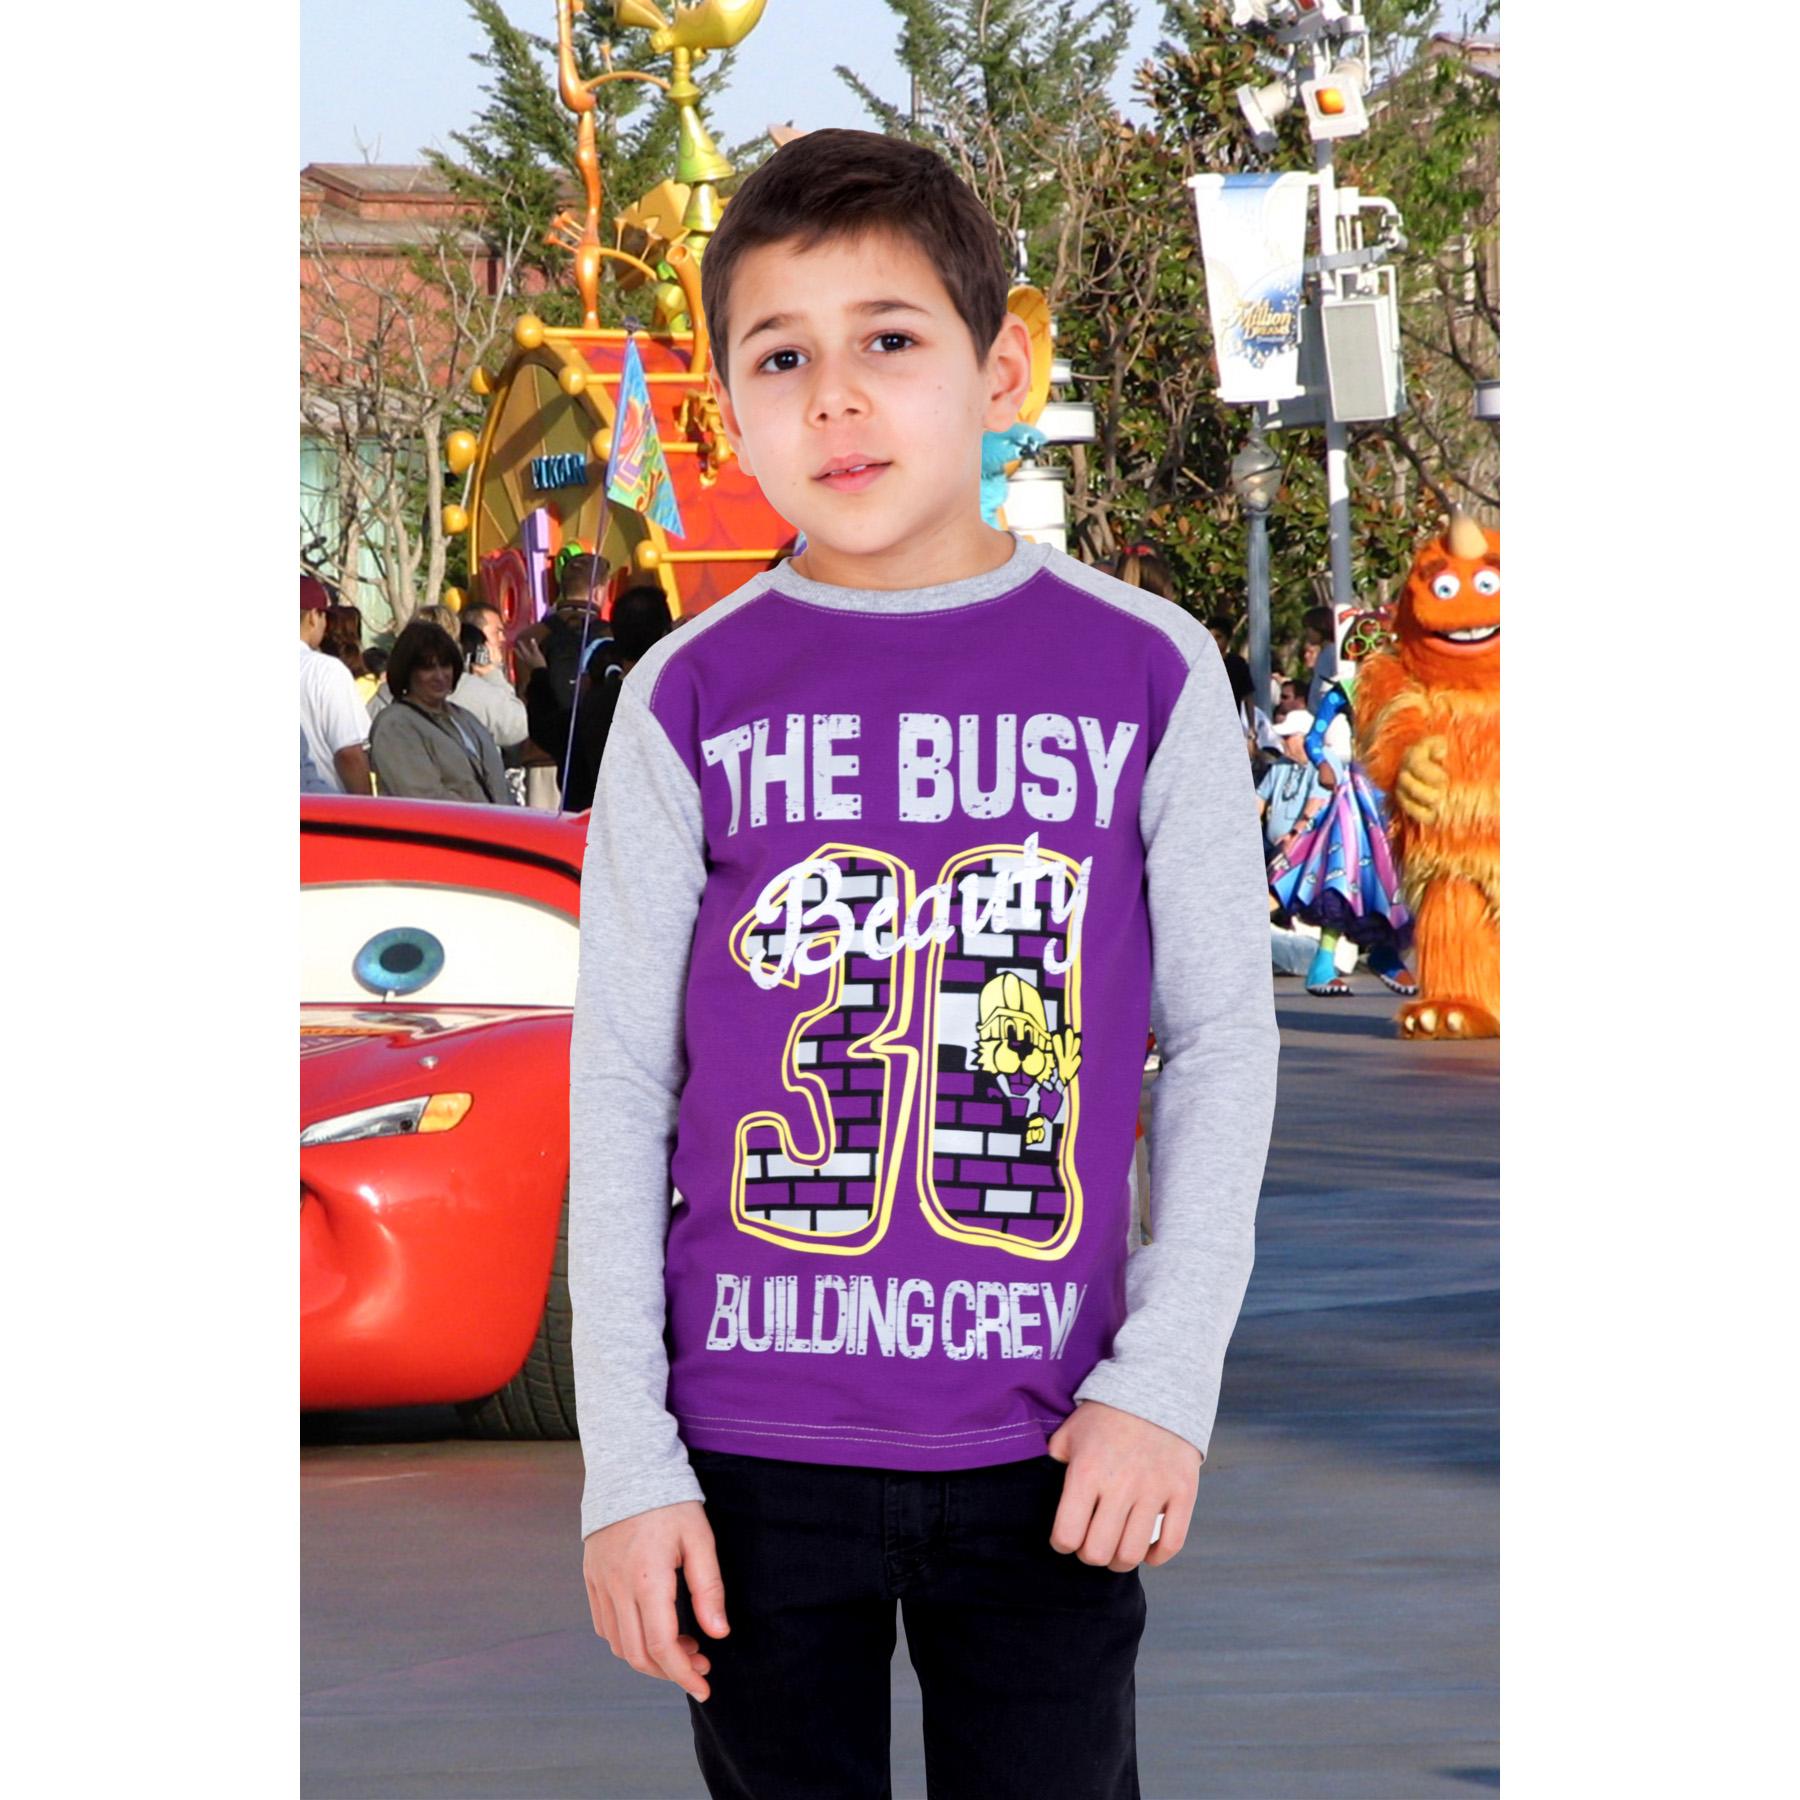 Детская толстовка Строитель Фиолетовый, размер 32Толстовки, джемпера и рубашки<br><br><br>Тип: Дет. толстовка<br>Размер: 32<br>Материал: Футер